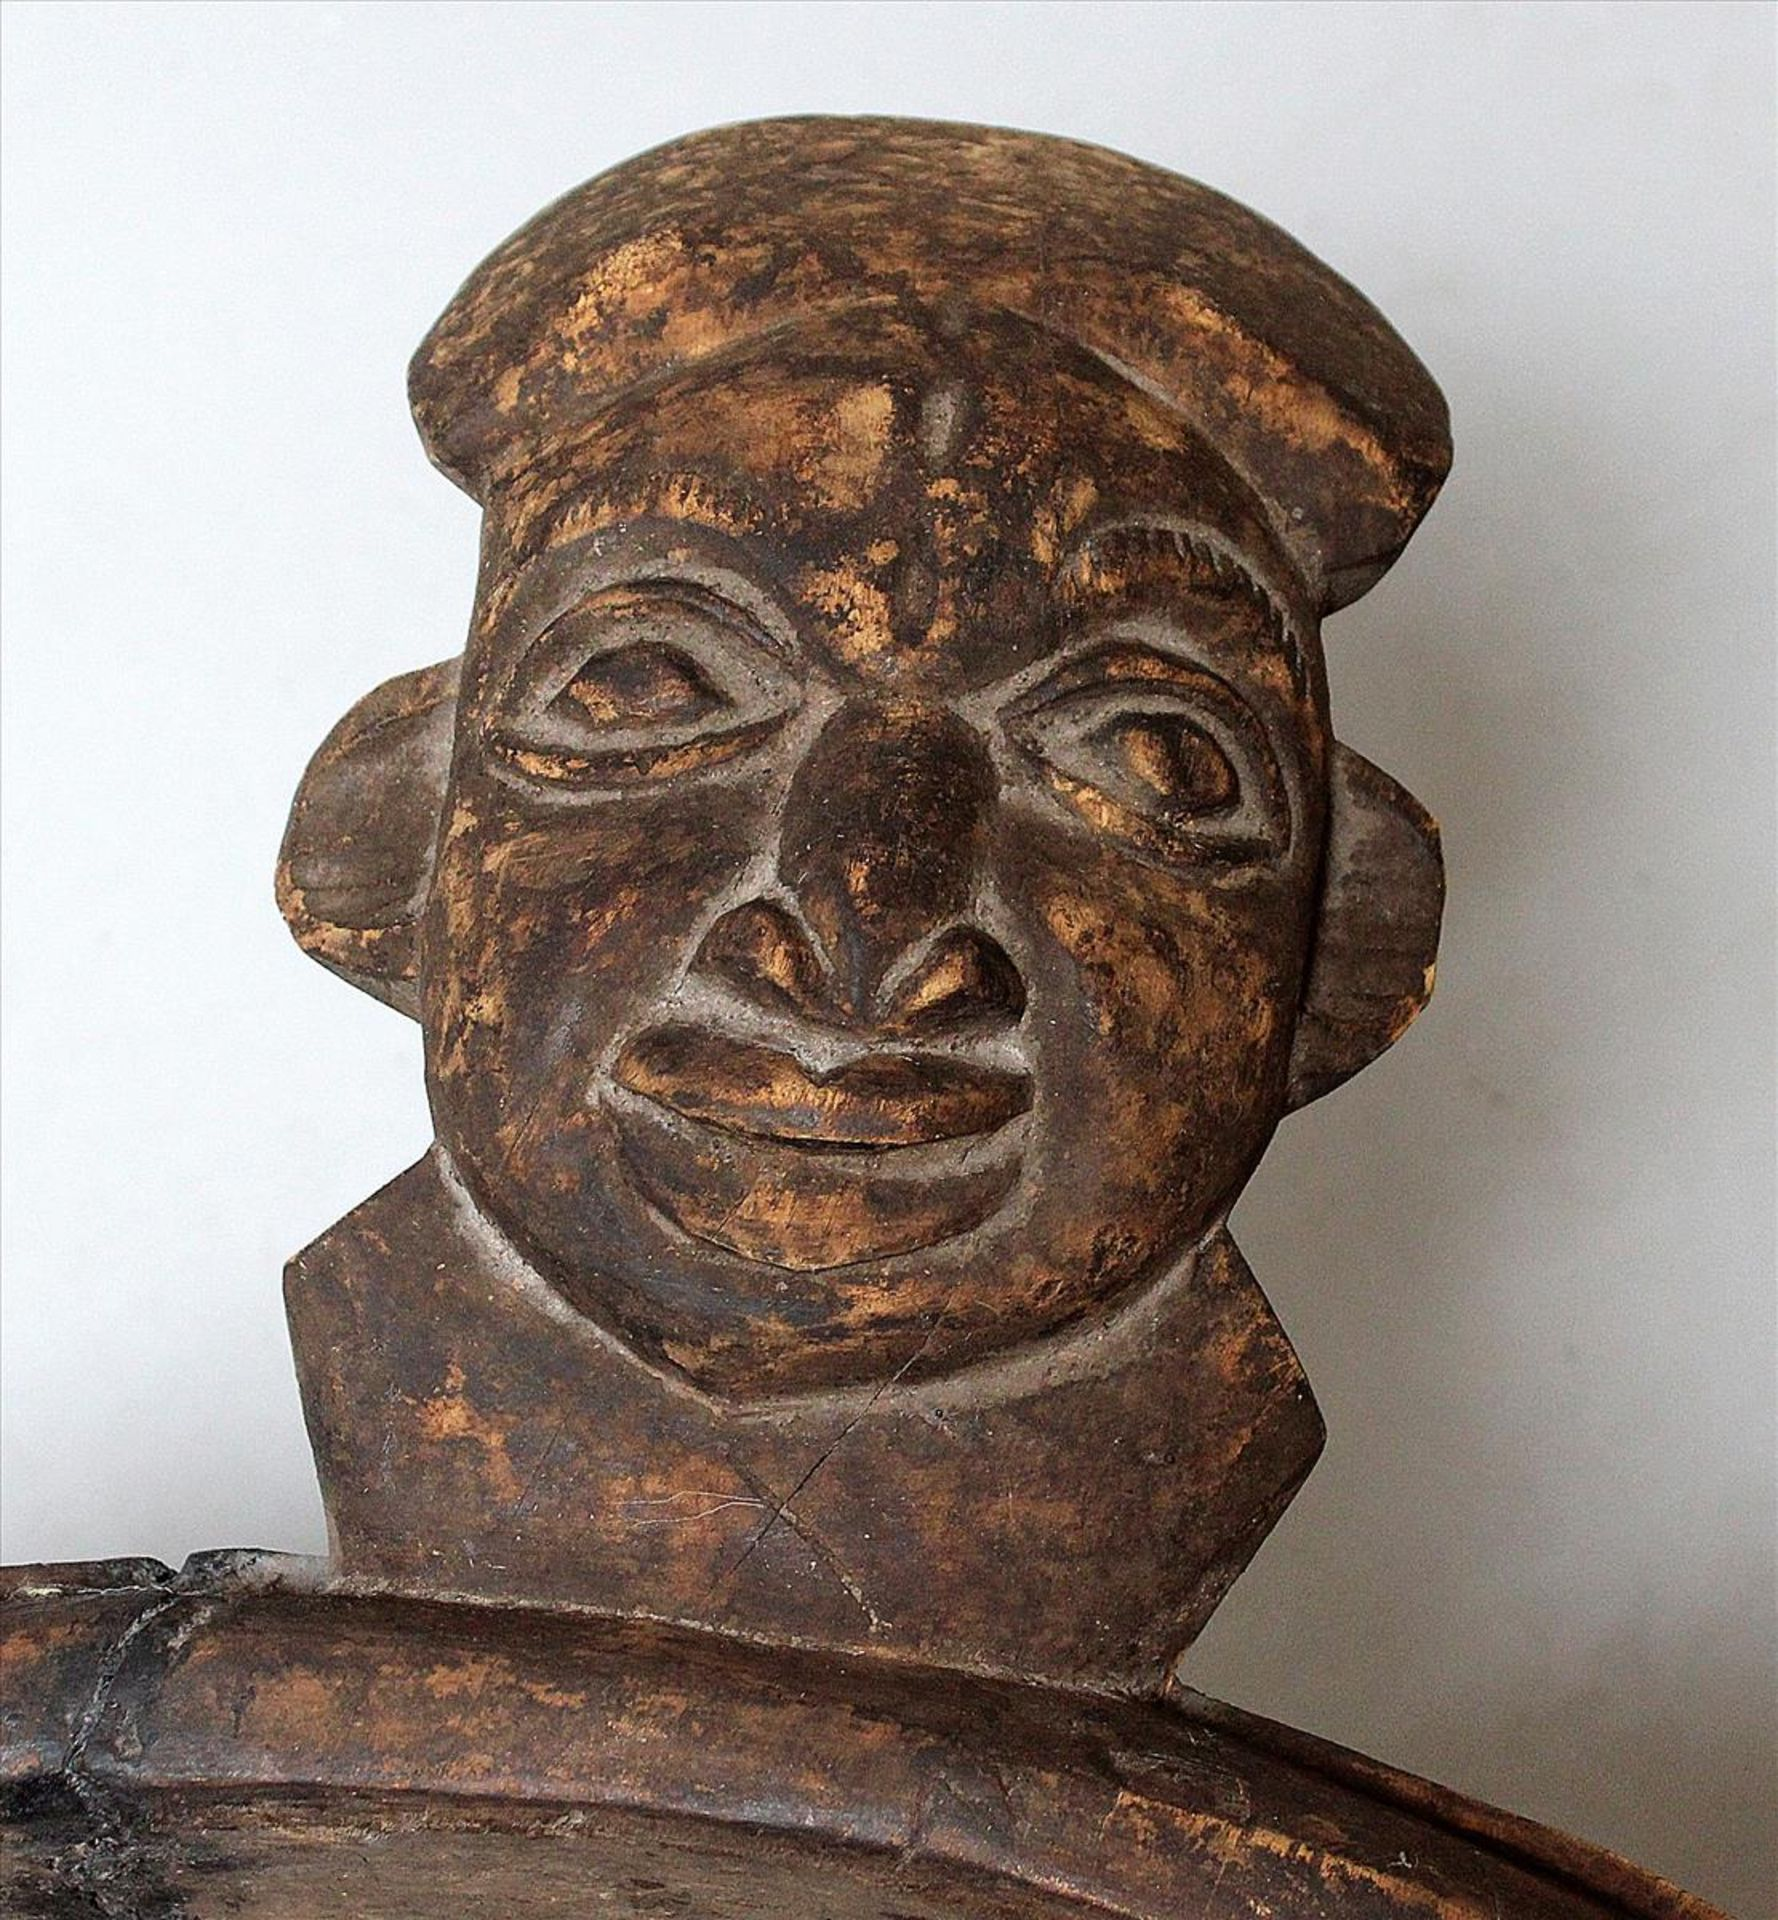 Los 1570 - Große, afrikanische Schale.Holz, geschnitzt. Korpus mit Kopf eines Hahns und Griff als Männerkopf.